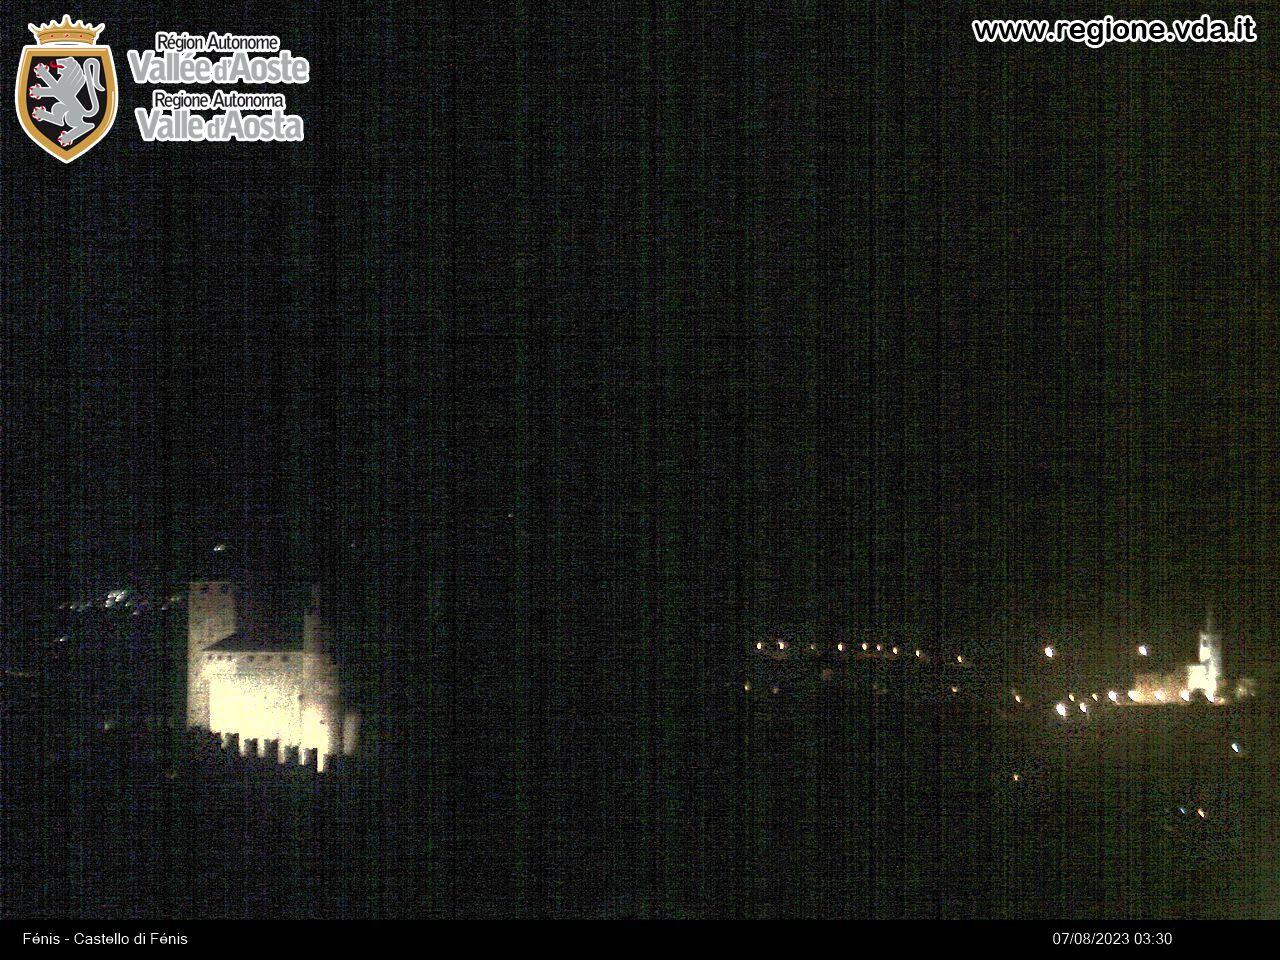 Fenis - Castello di Fenis